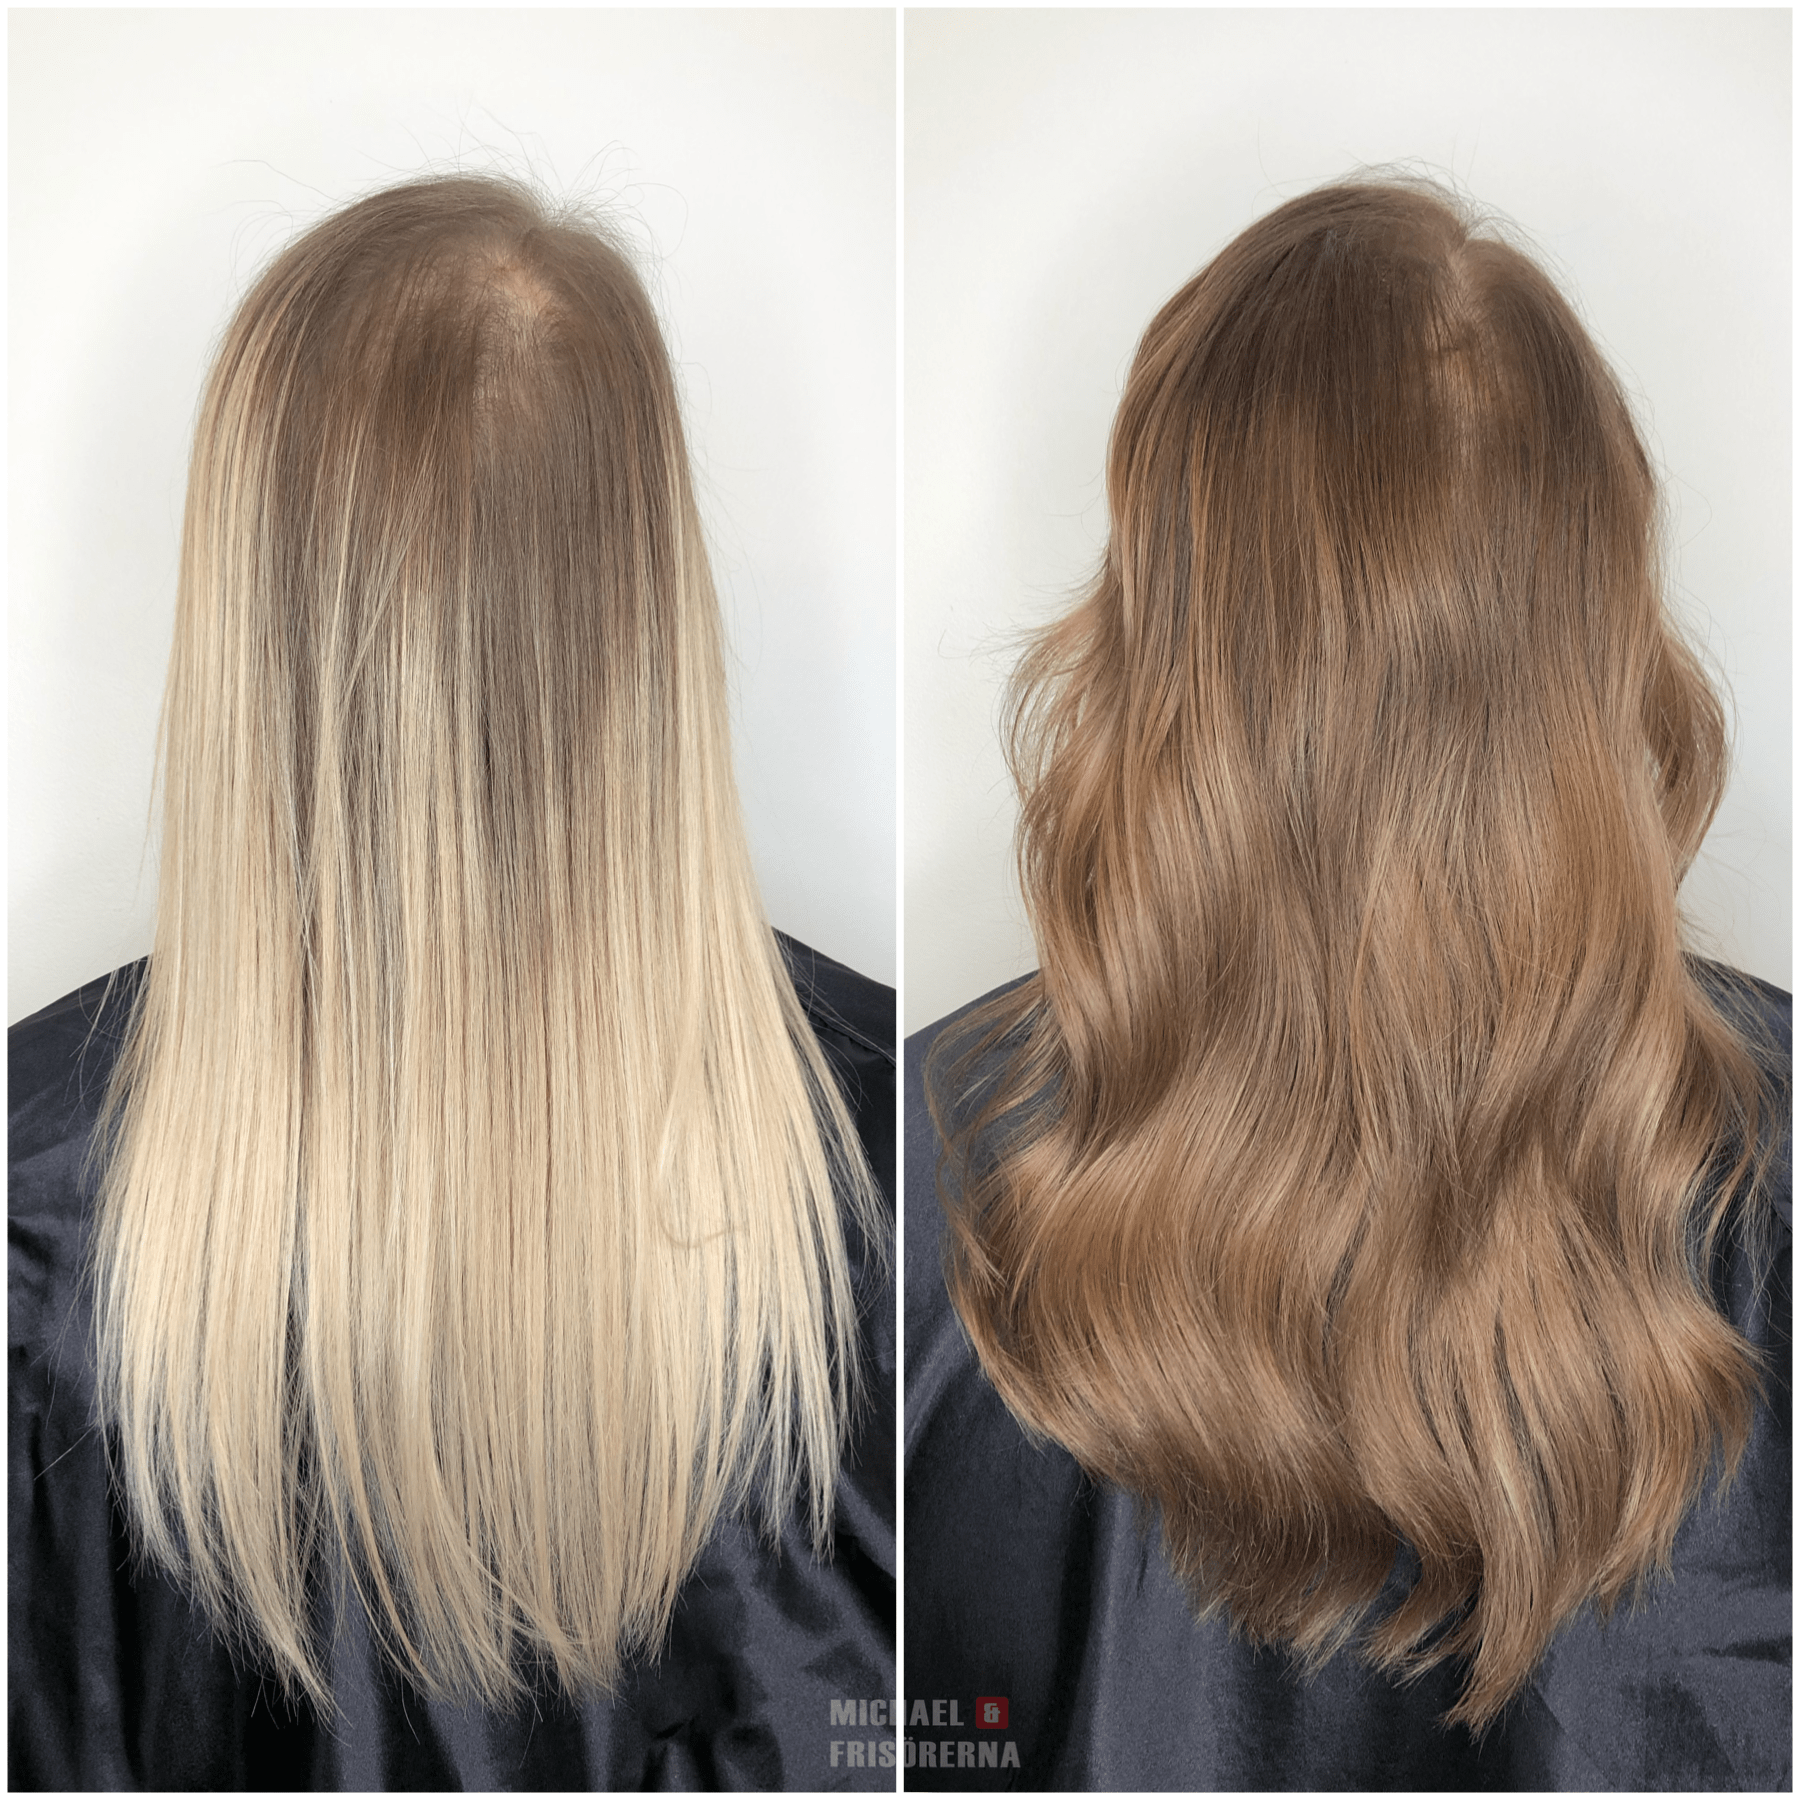 hårfärg loreal olaplex